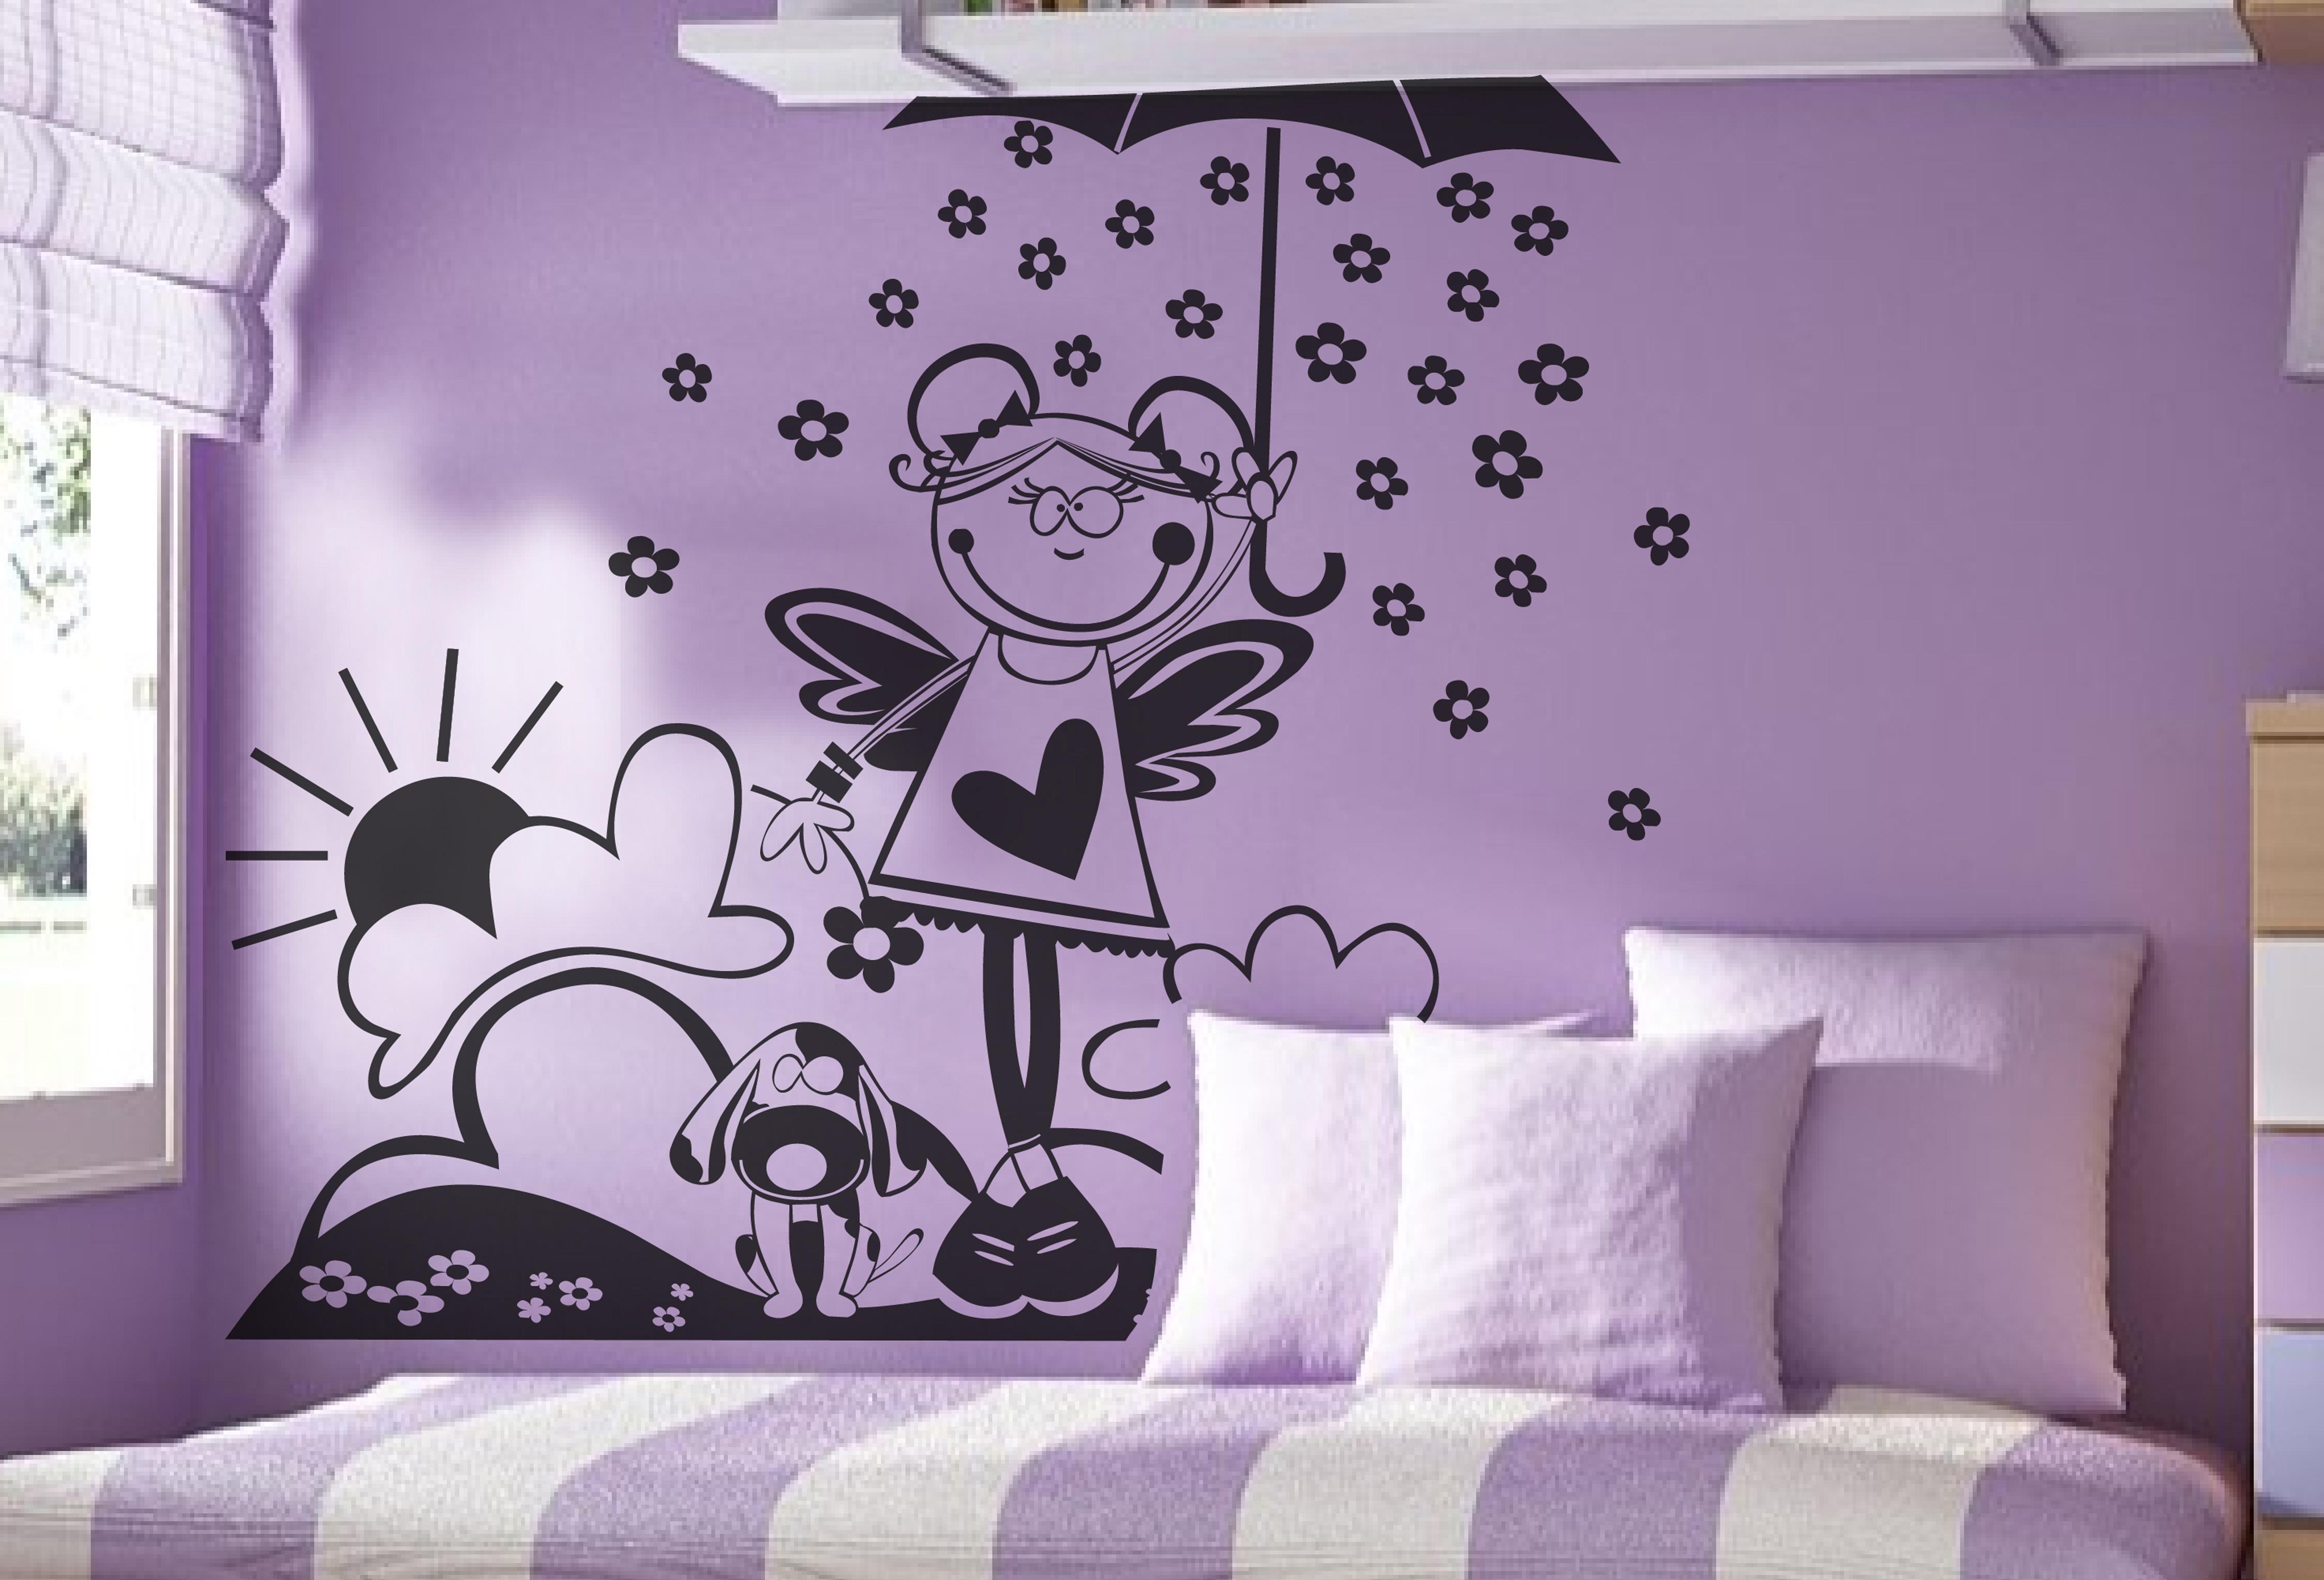 Lo ltimo en decoraci n para tu hogar u oficina aprovech for Lo ultimo en decoracion